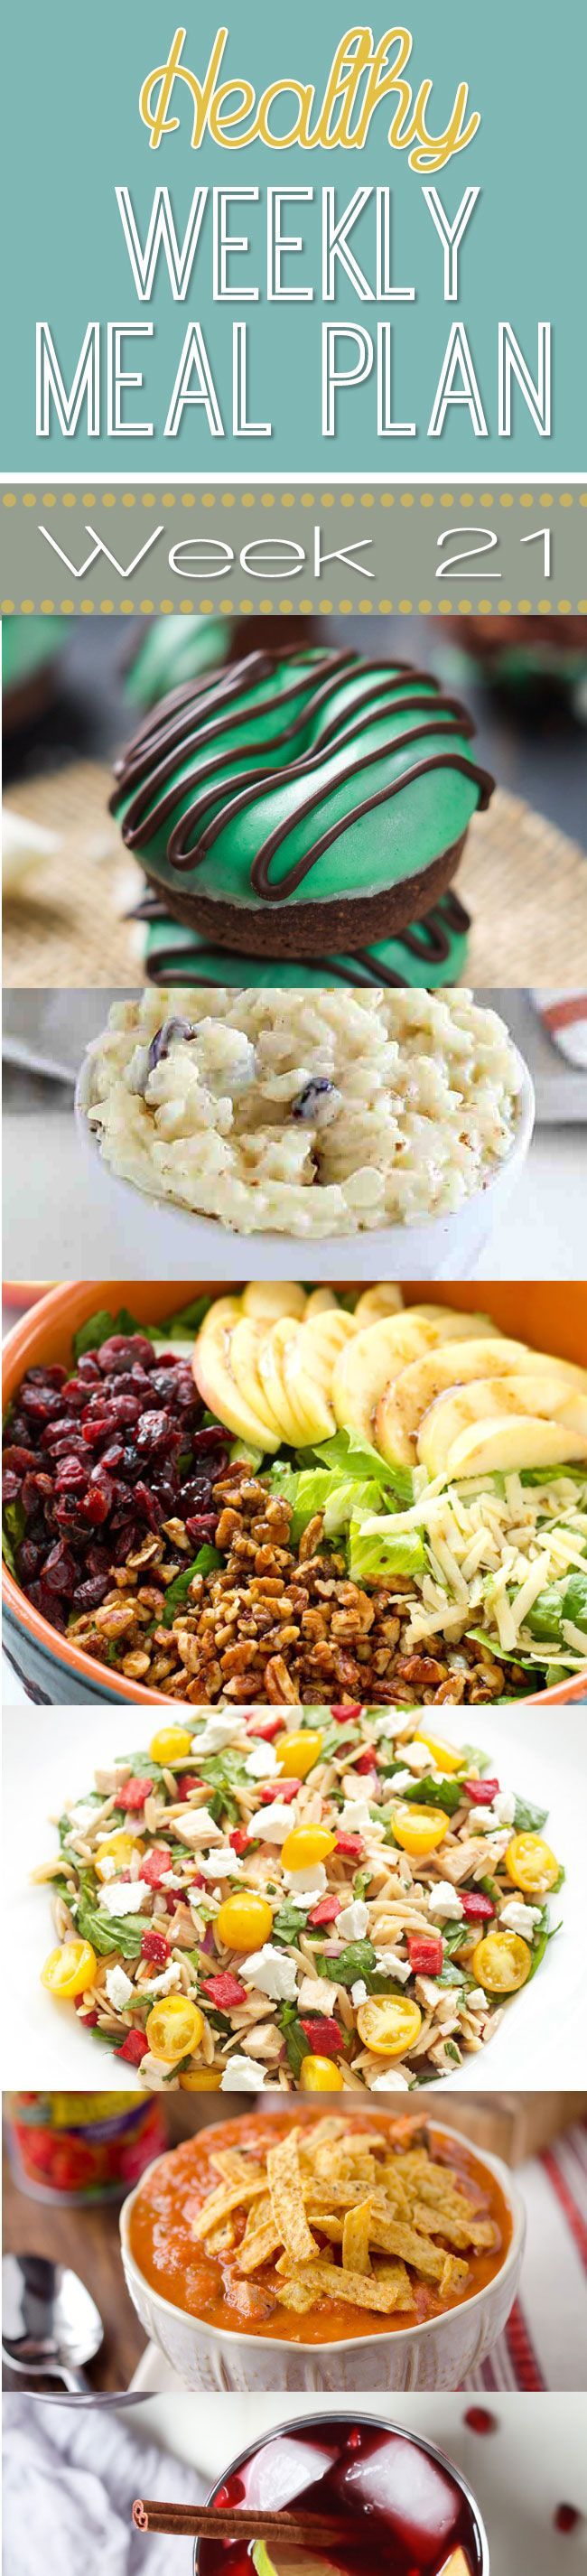 Healthy Meal Plan Week #21